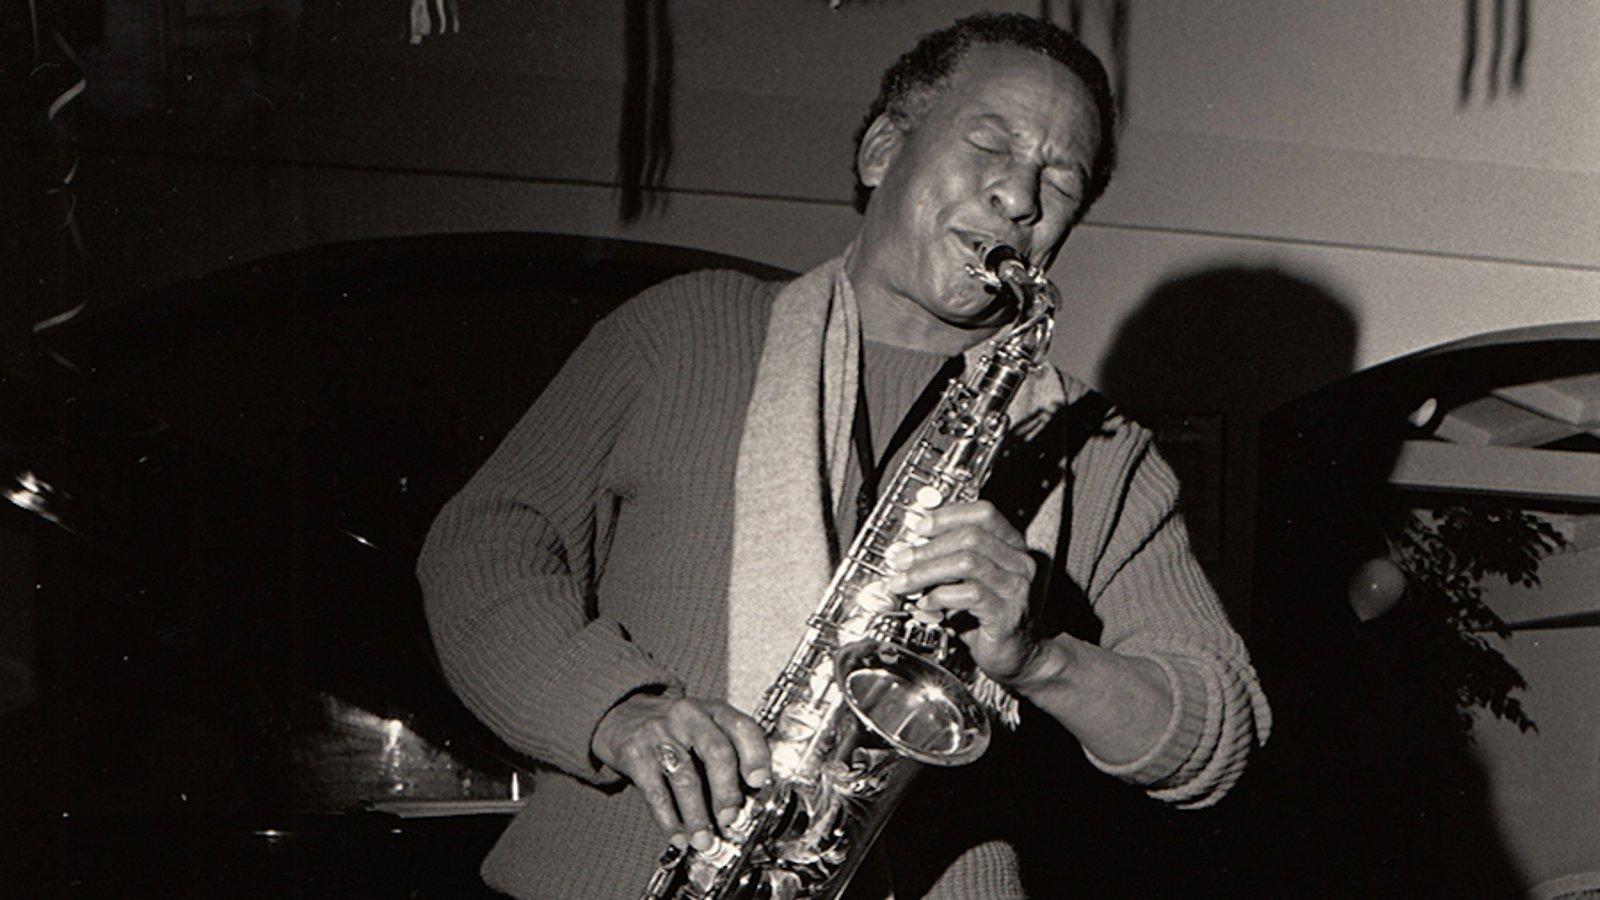 Sound of Redemption - Jazz Musician Frank Morgan